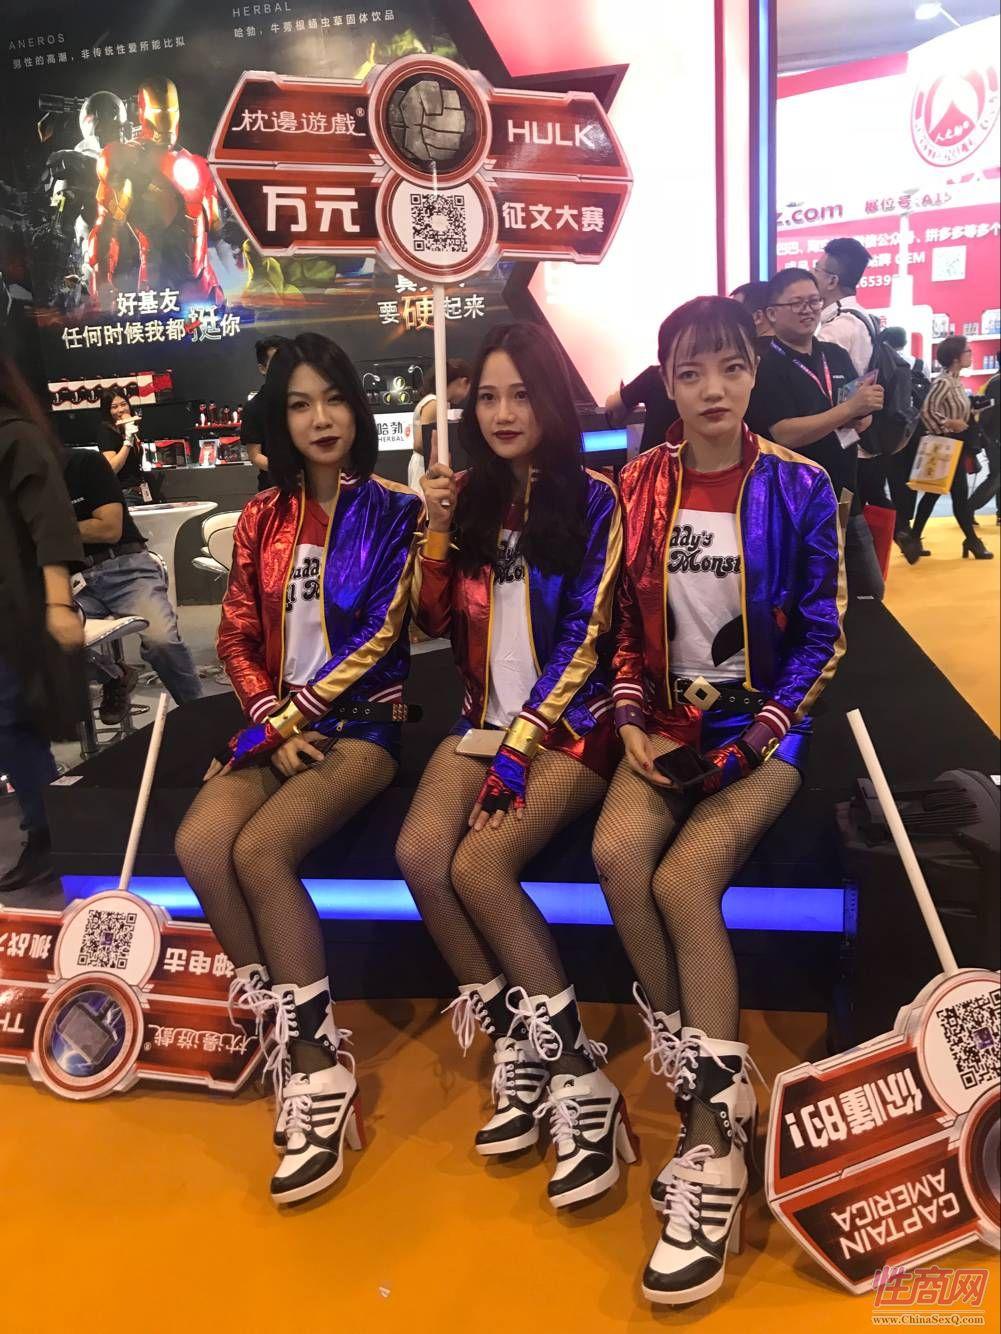 18年广州性文化节-美女模特